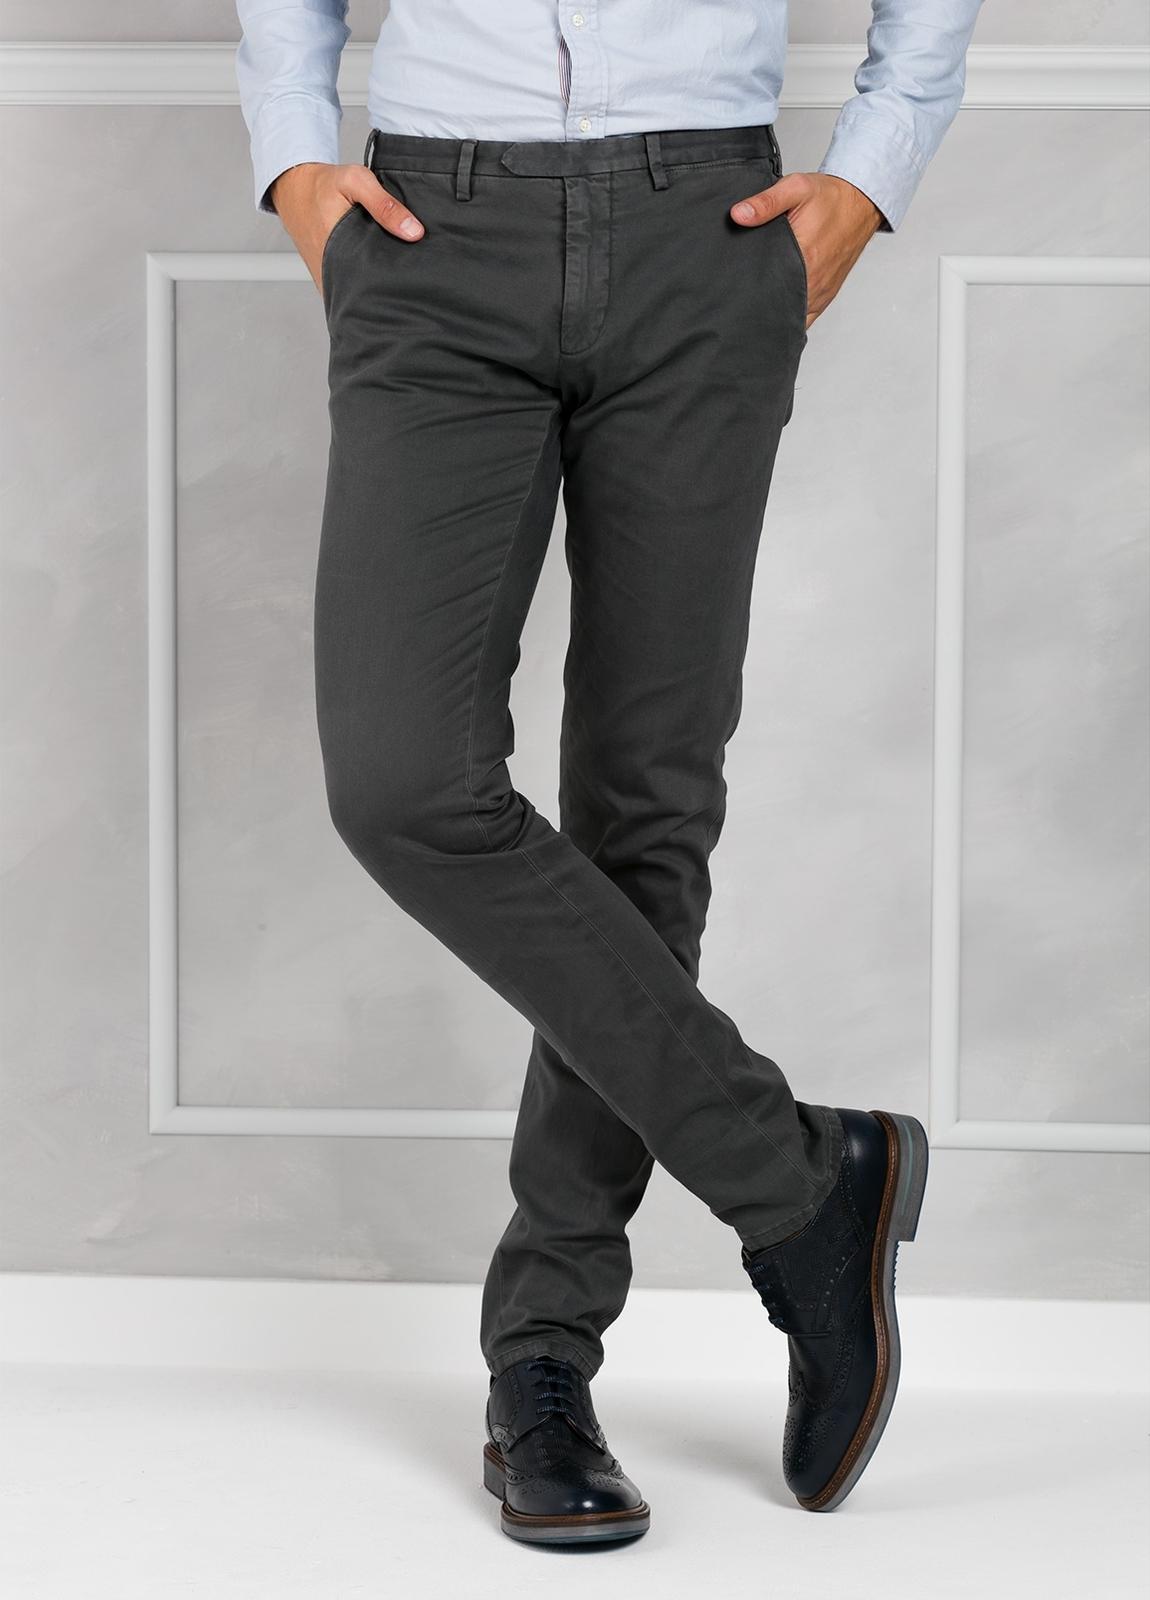 Pantalón sport slim fit color gris oscuro. 98% Algodón 2% Elastano.